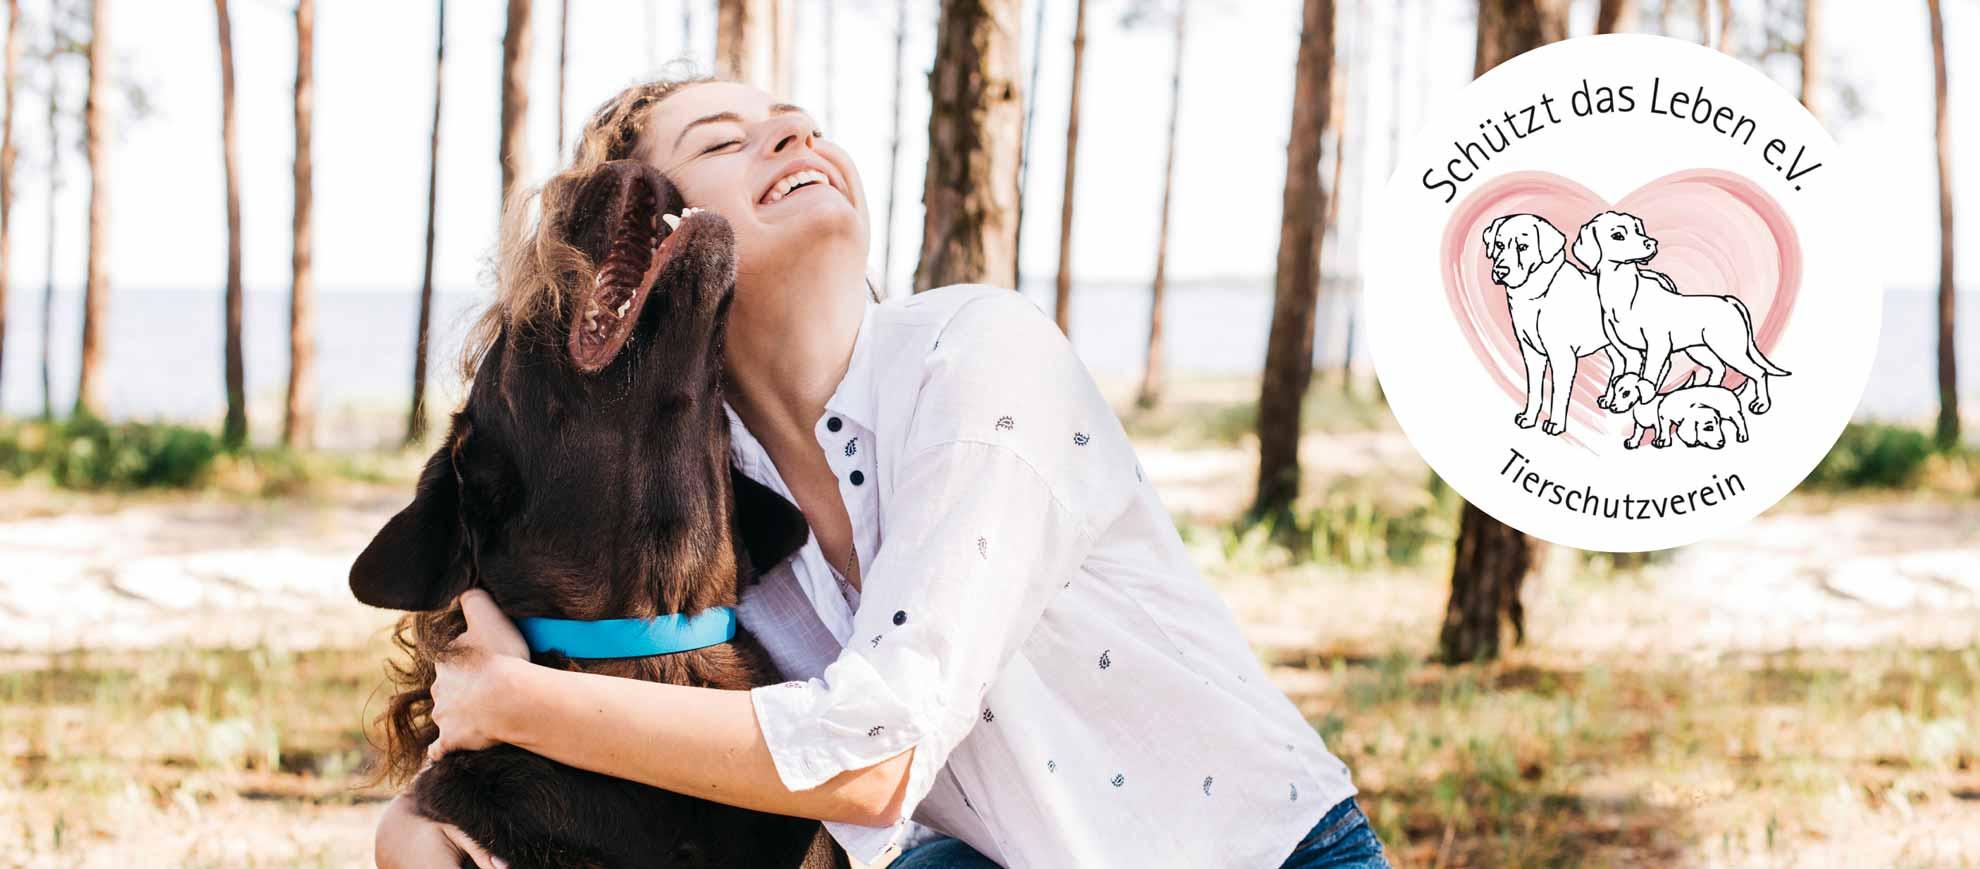 Frau umarmt ihren Hund freudig lächelnd im Wald vor Wasserkulisse